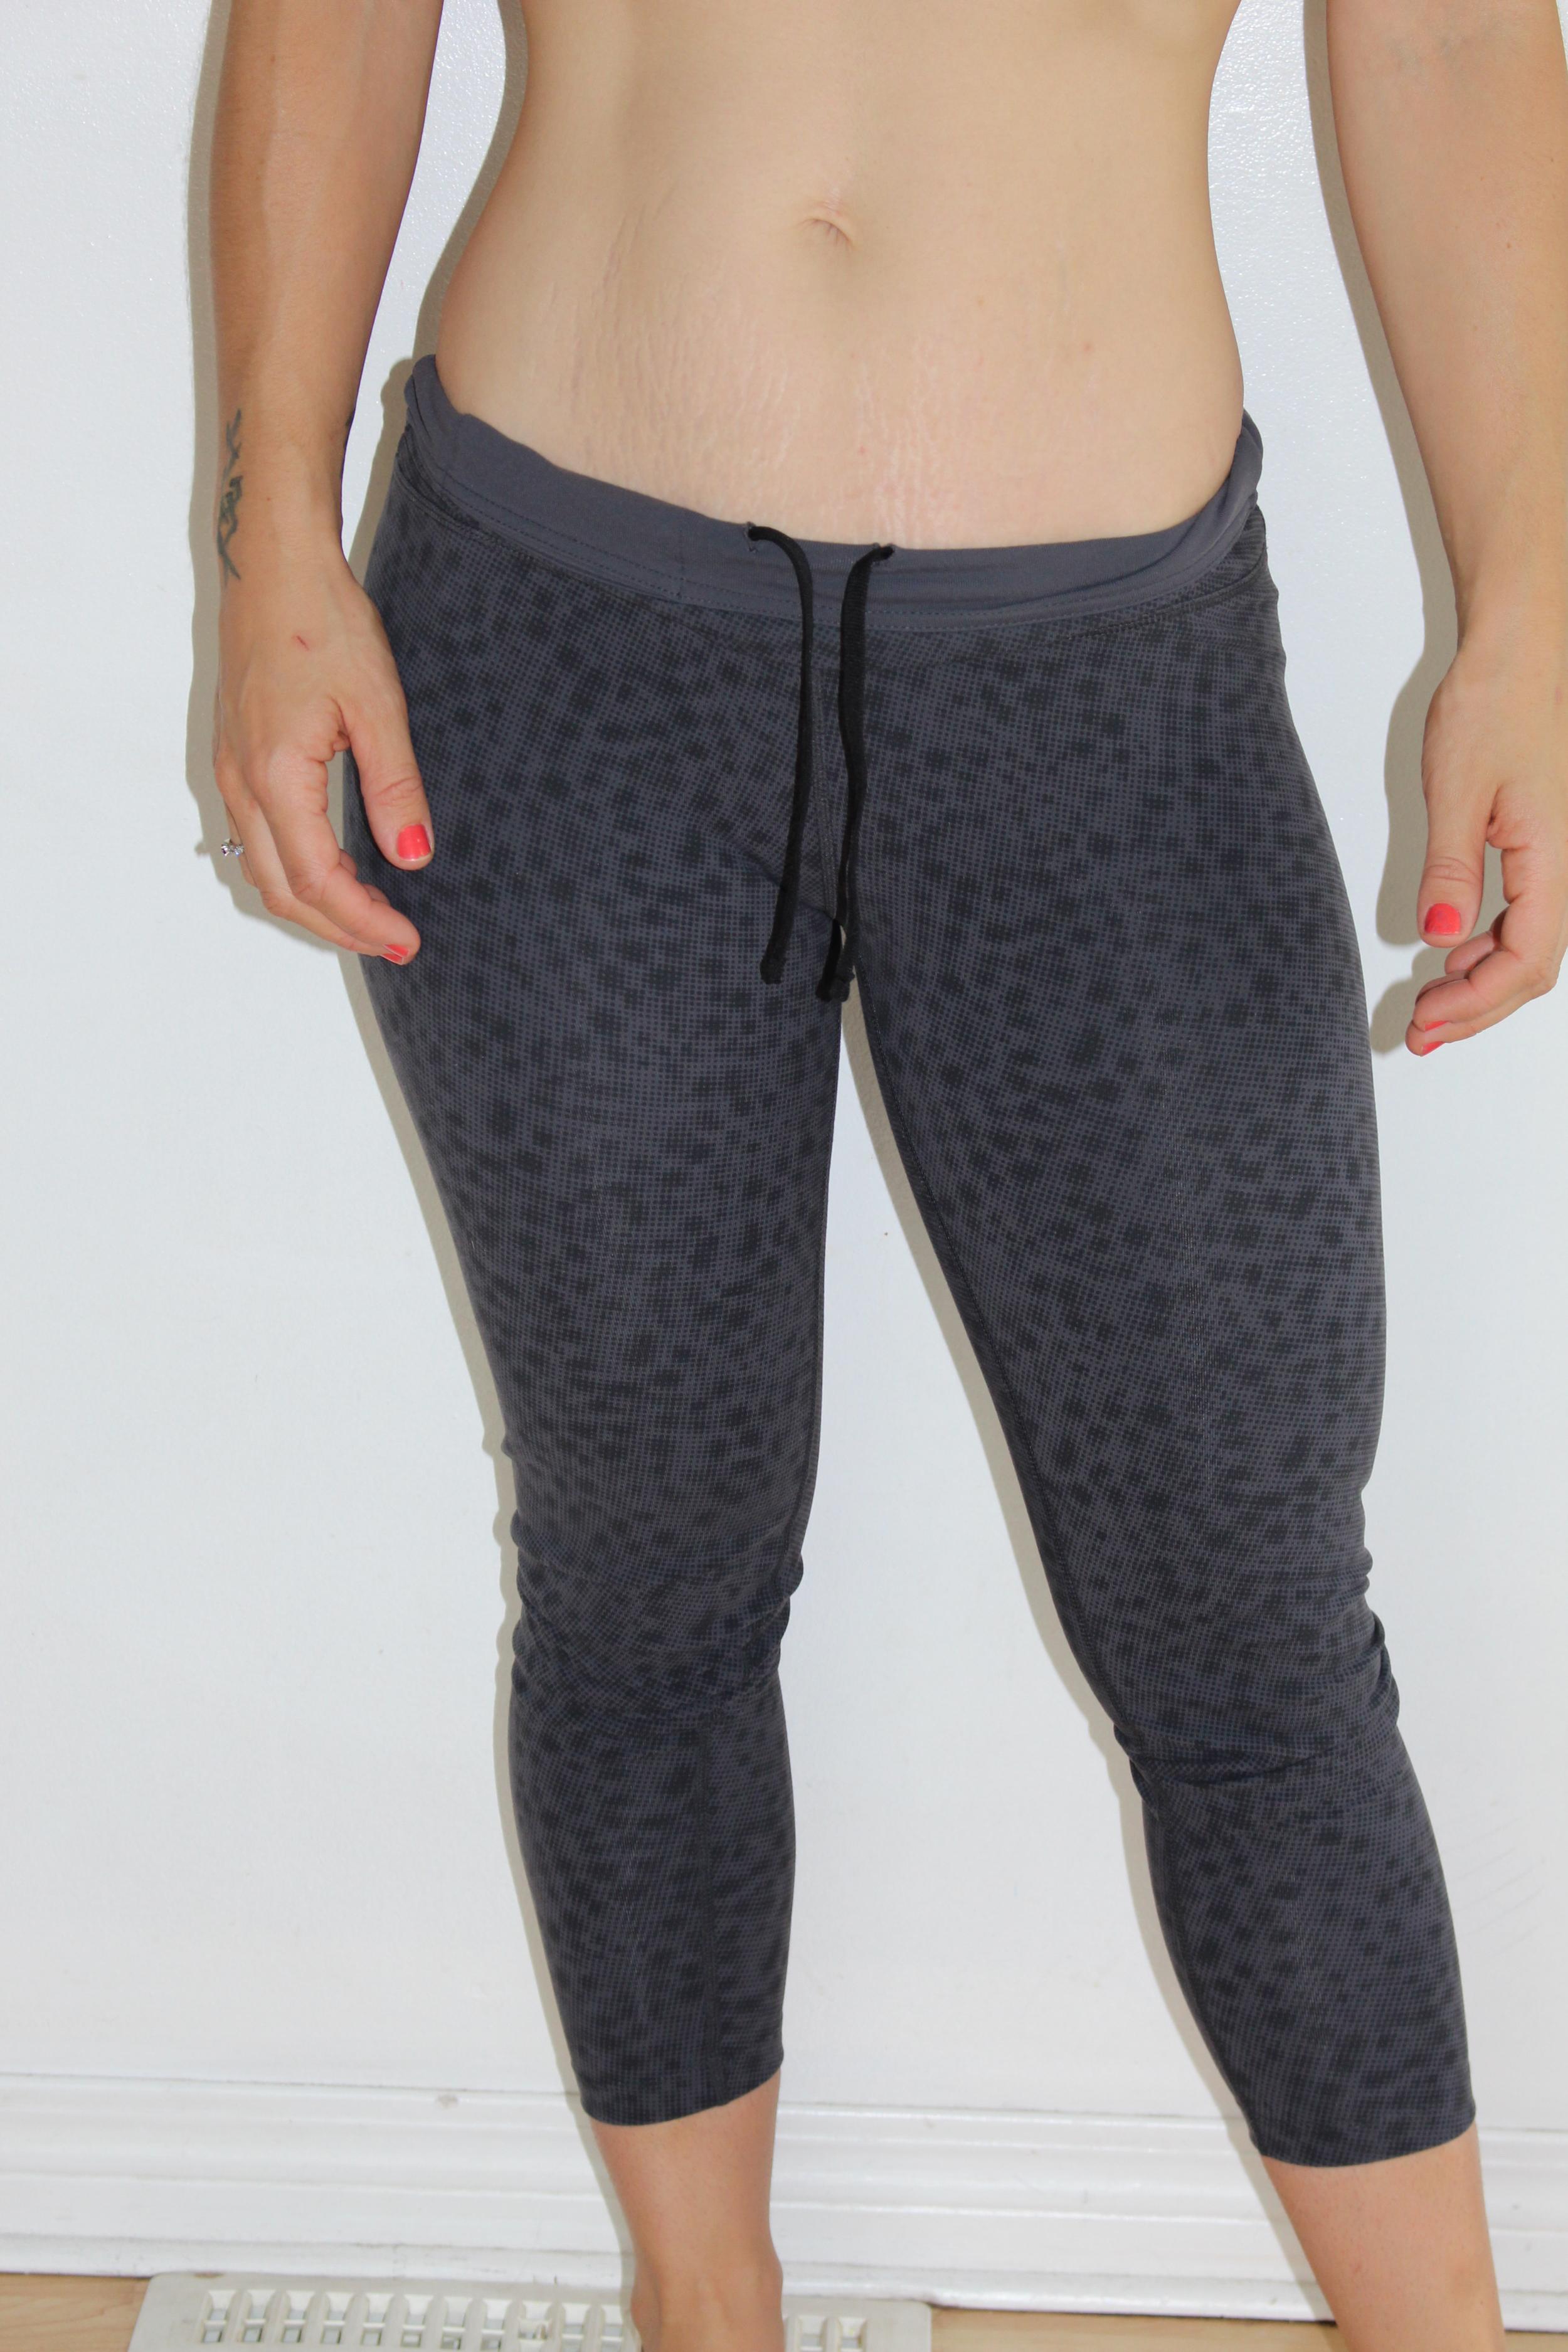 Pants and Bra 023